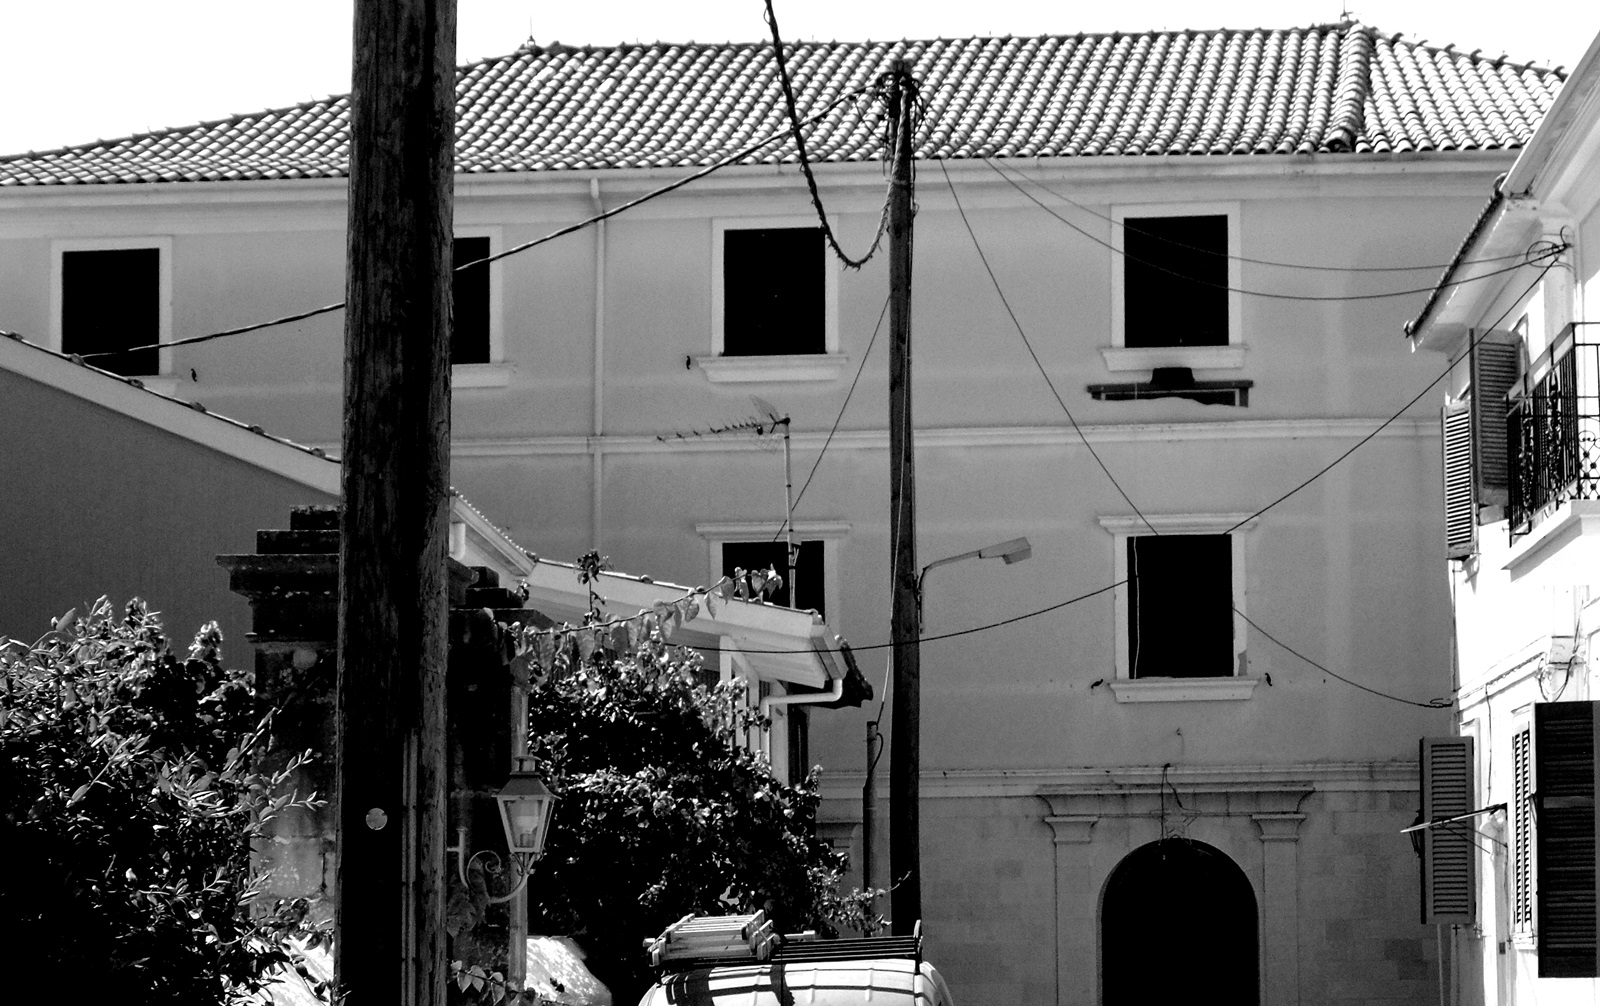 Φωτό 1: Το κτίριο στην οδό Κόνταρη (σήμερα ΦΕΛ) όπου στεγάζονταν το Ελληνικό Σχολείο.